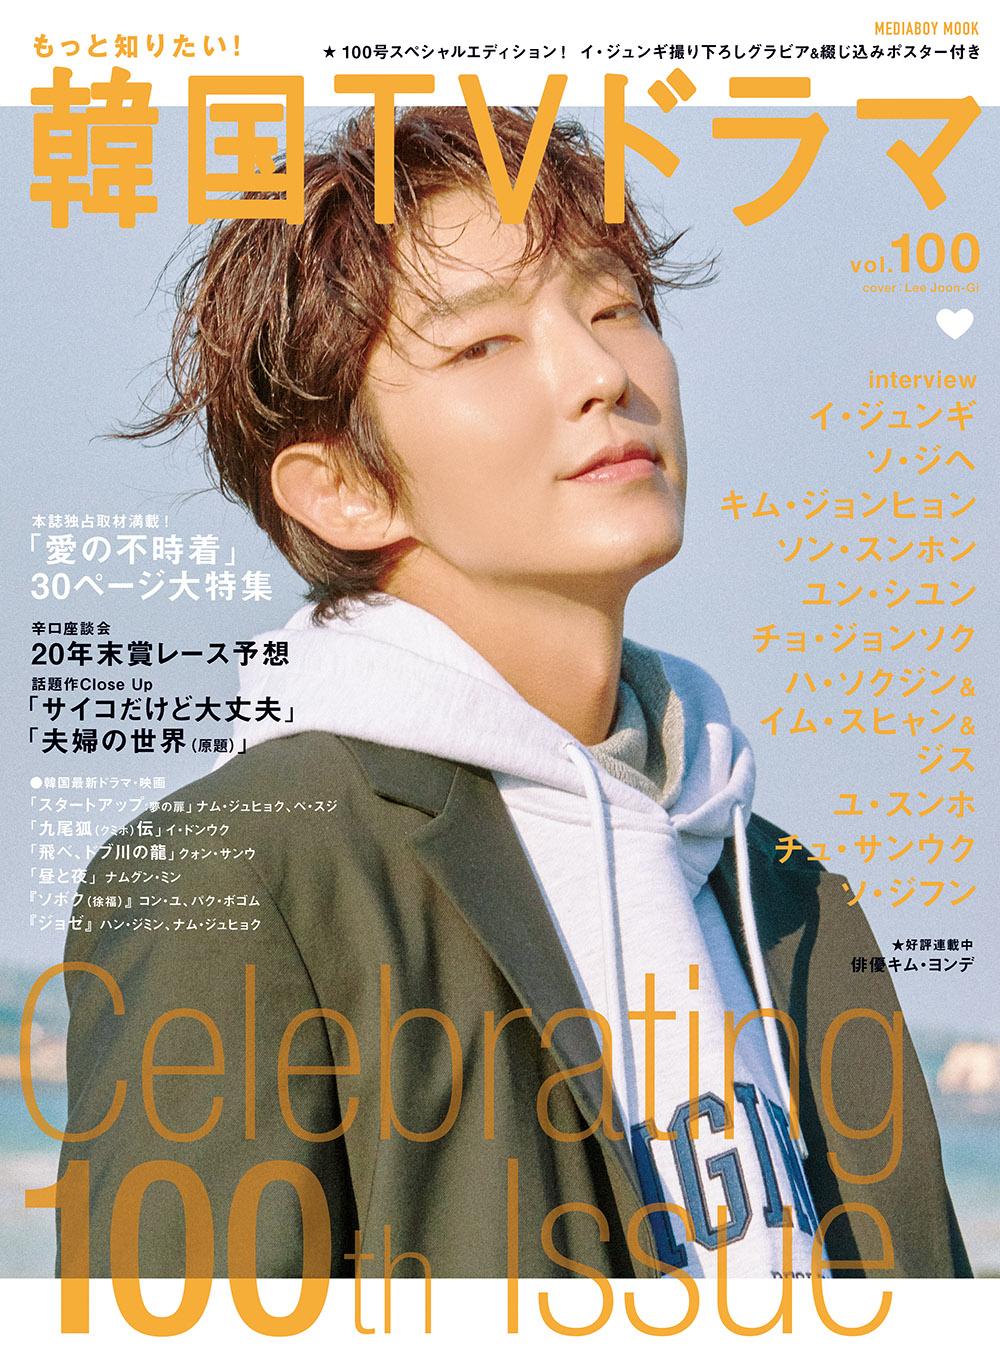 『もっと知りたい! 韓国TVドラマ vol.100』表紙画像